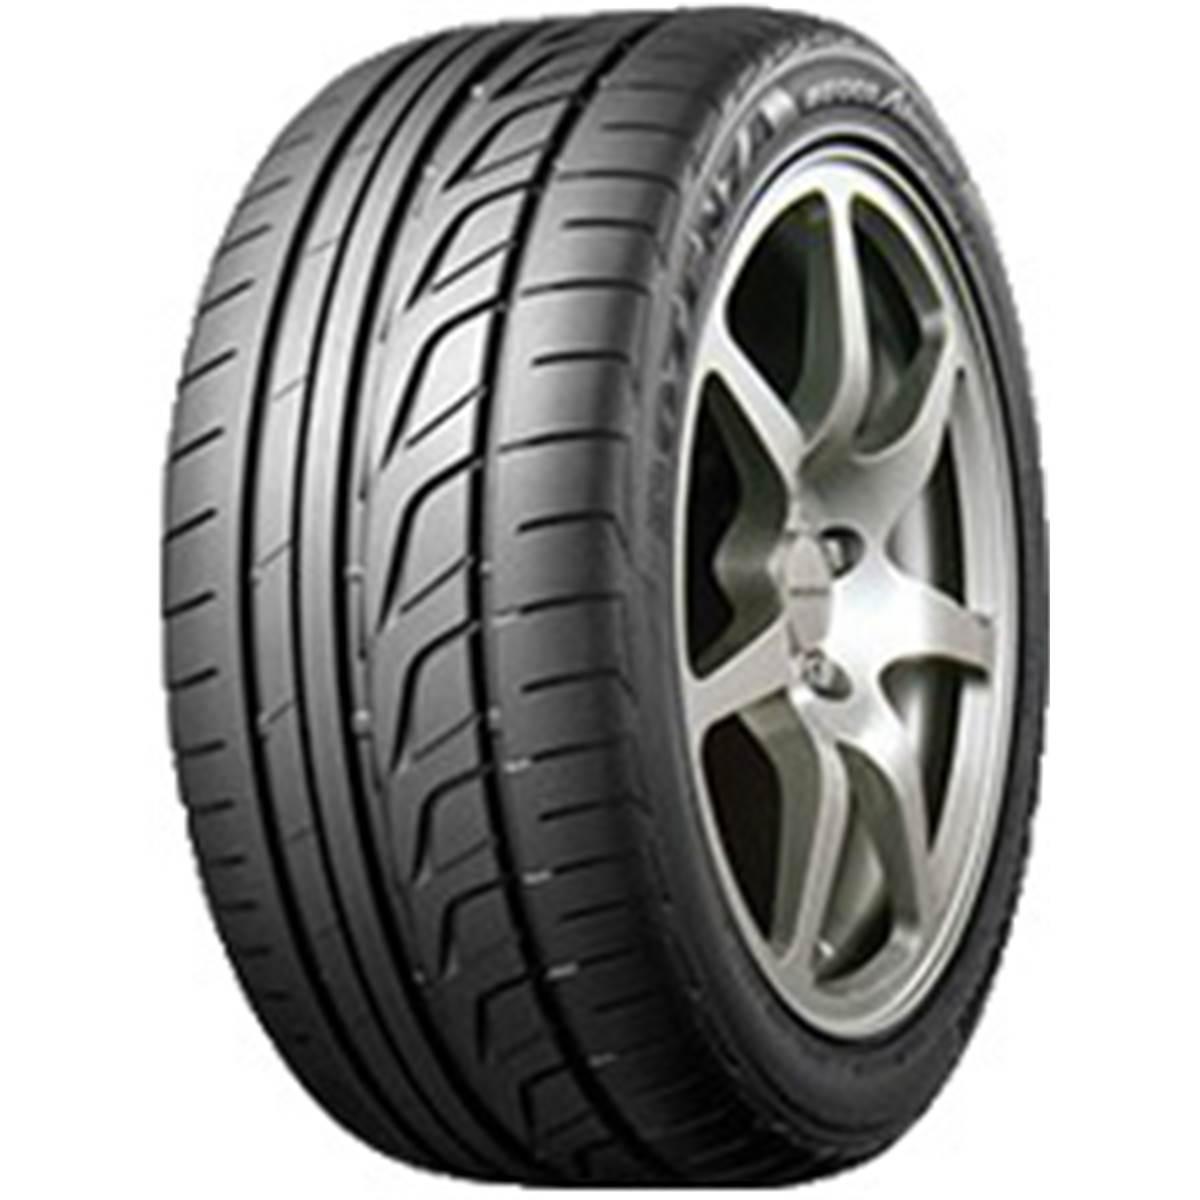 Pneu Bridgestone 205/60R16 92V POTENZA ADRENALIN RE002